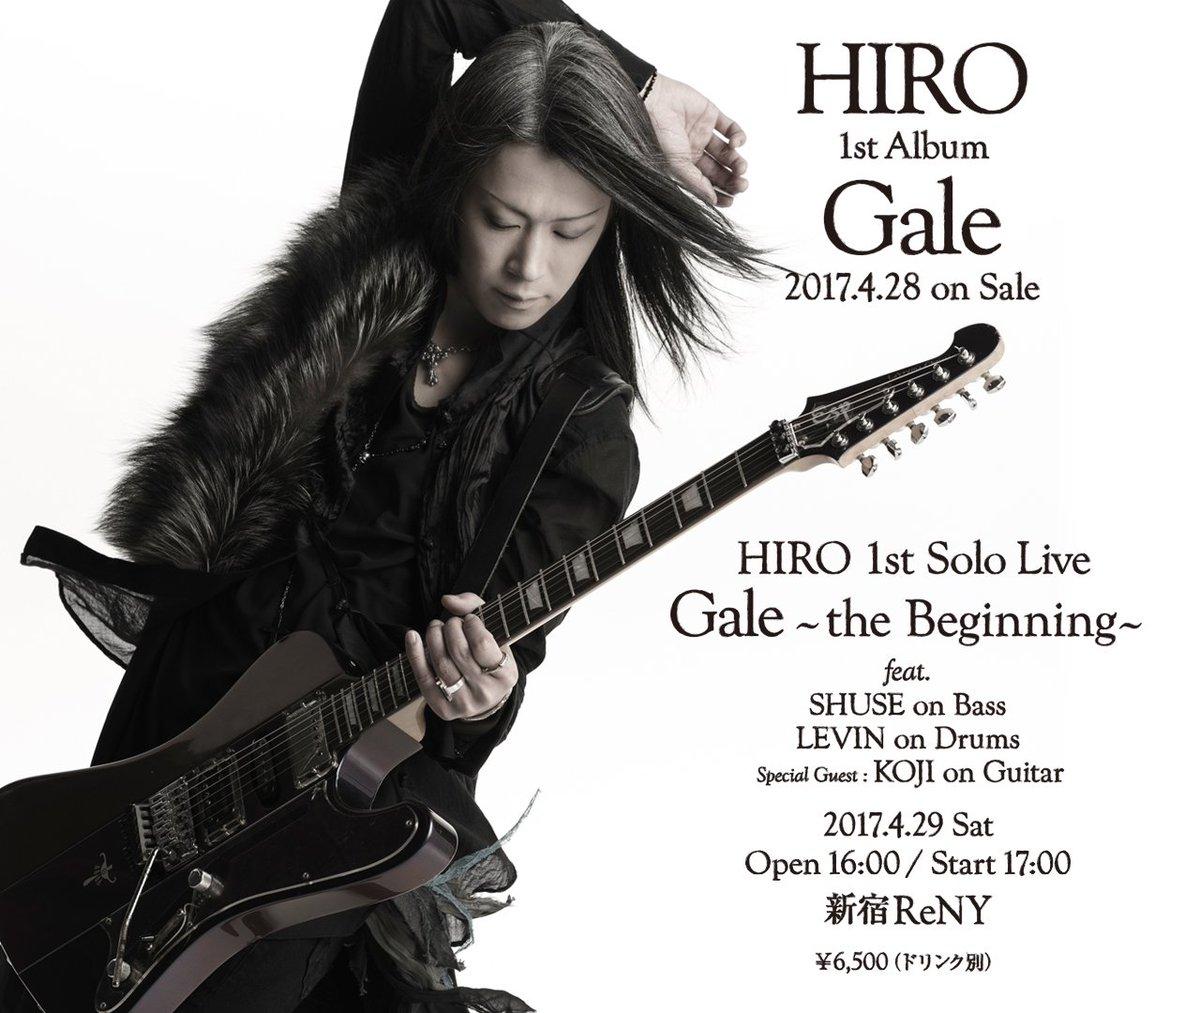 HIRO 1st Solo Album『Gale』4月28日(金)発売決定!10年の歳月をかけて構想を重ねようやく完成させた作品がついにリリース!https://t.co/kfOOPVW0ye https://t.co/QTbkgCtnJx